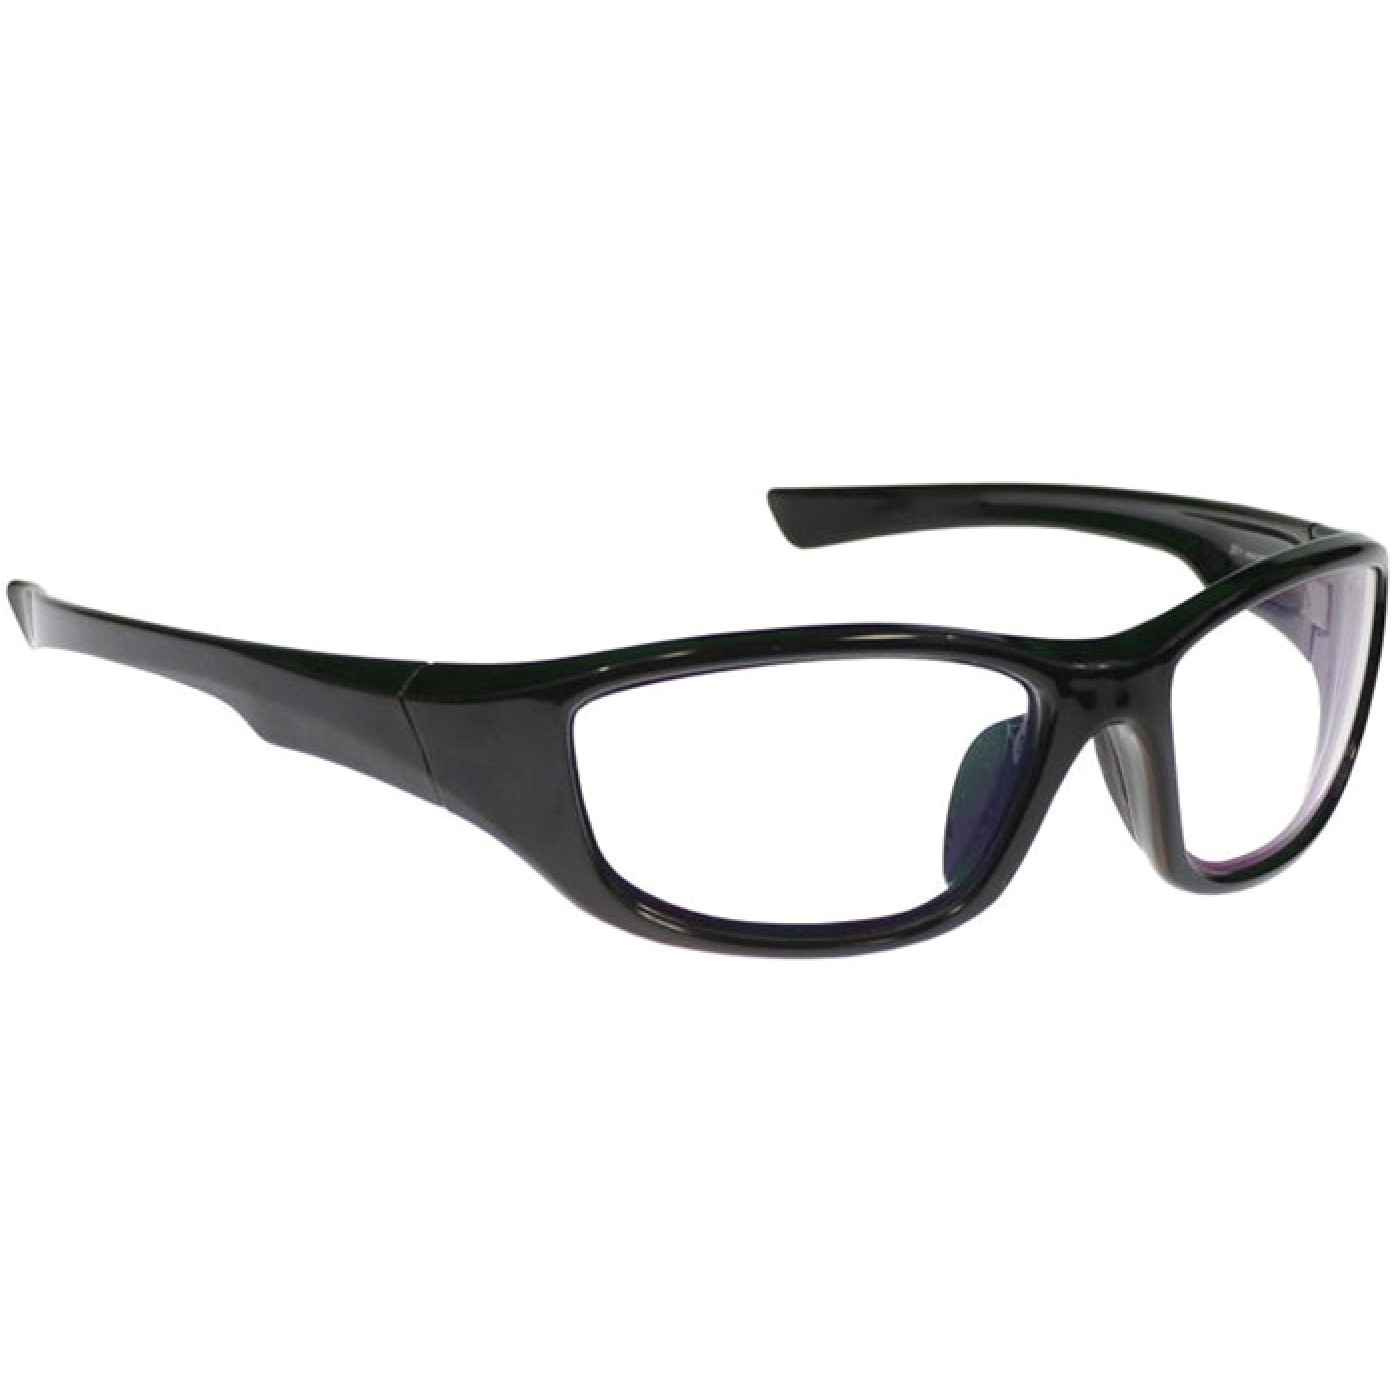 angled frame radiation eyewear